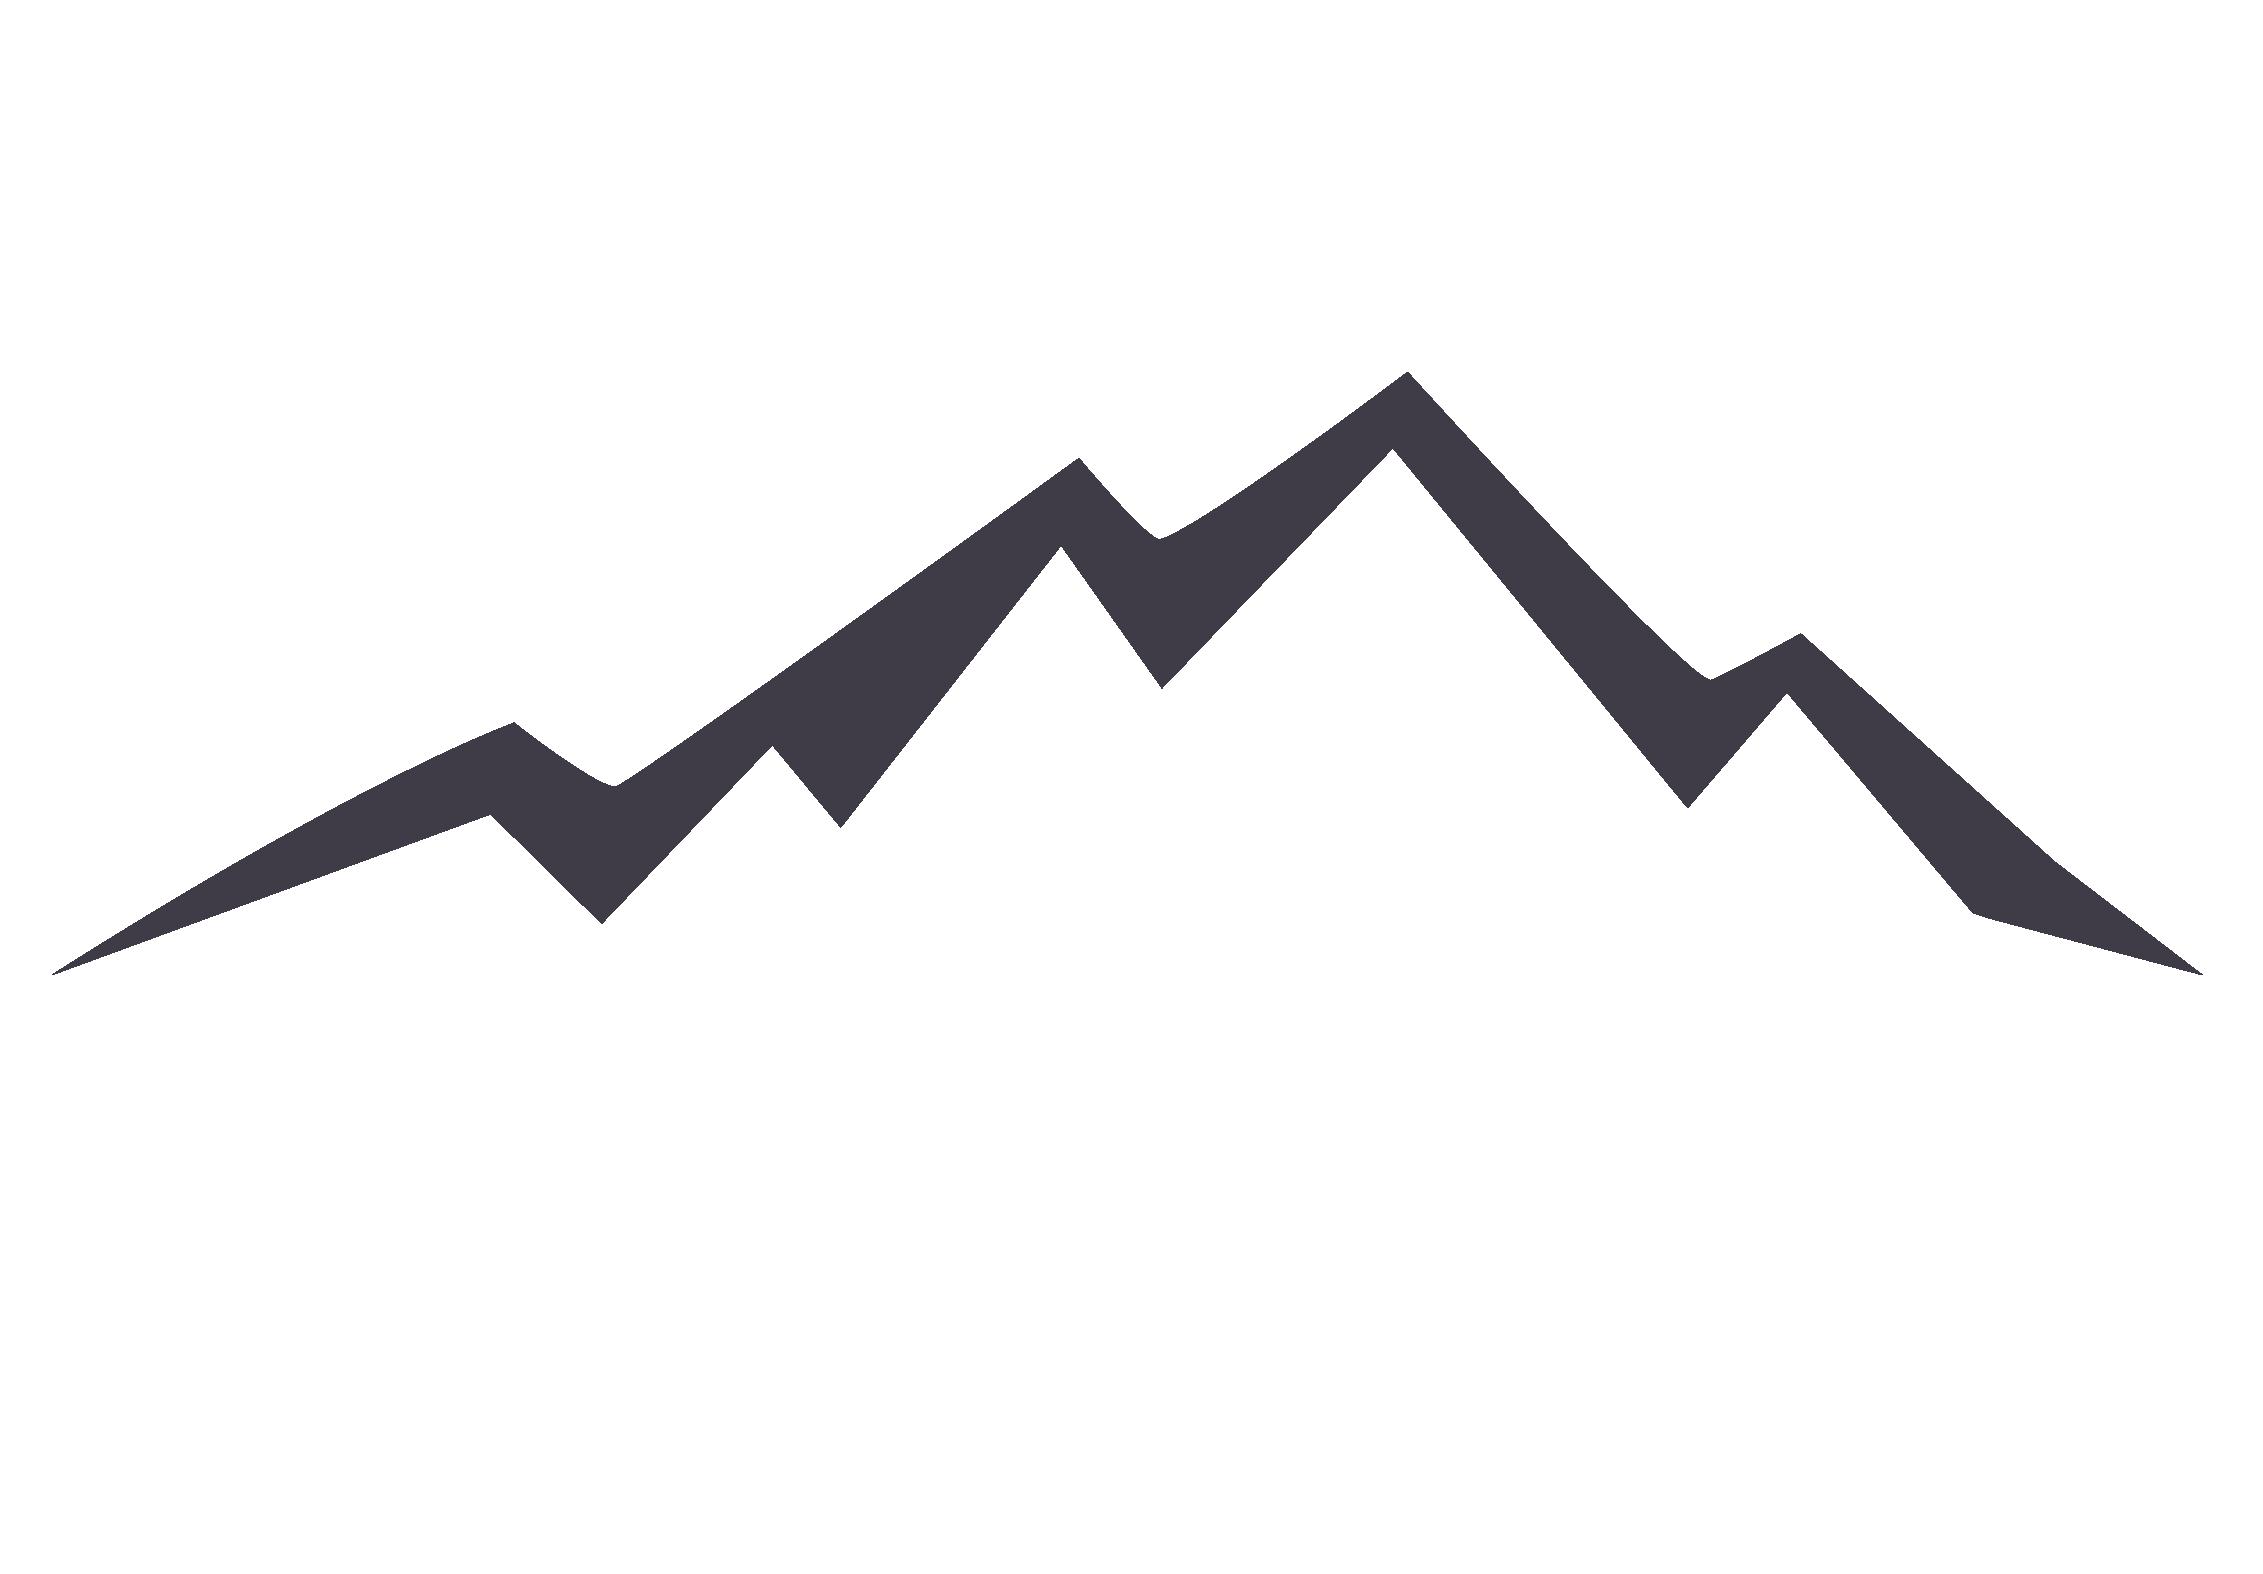 Clipart mountain silhouette. Euclidean vector icon